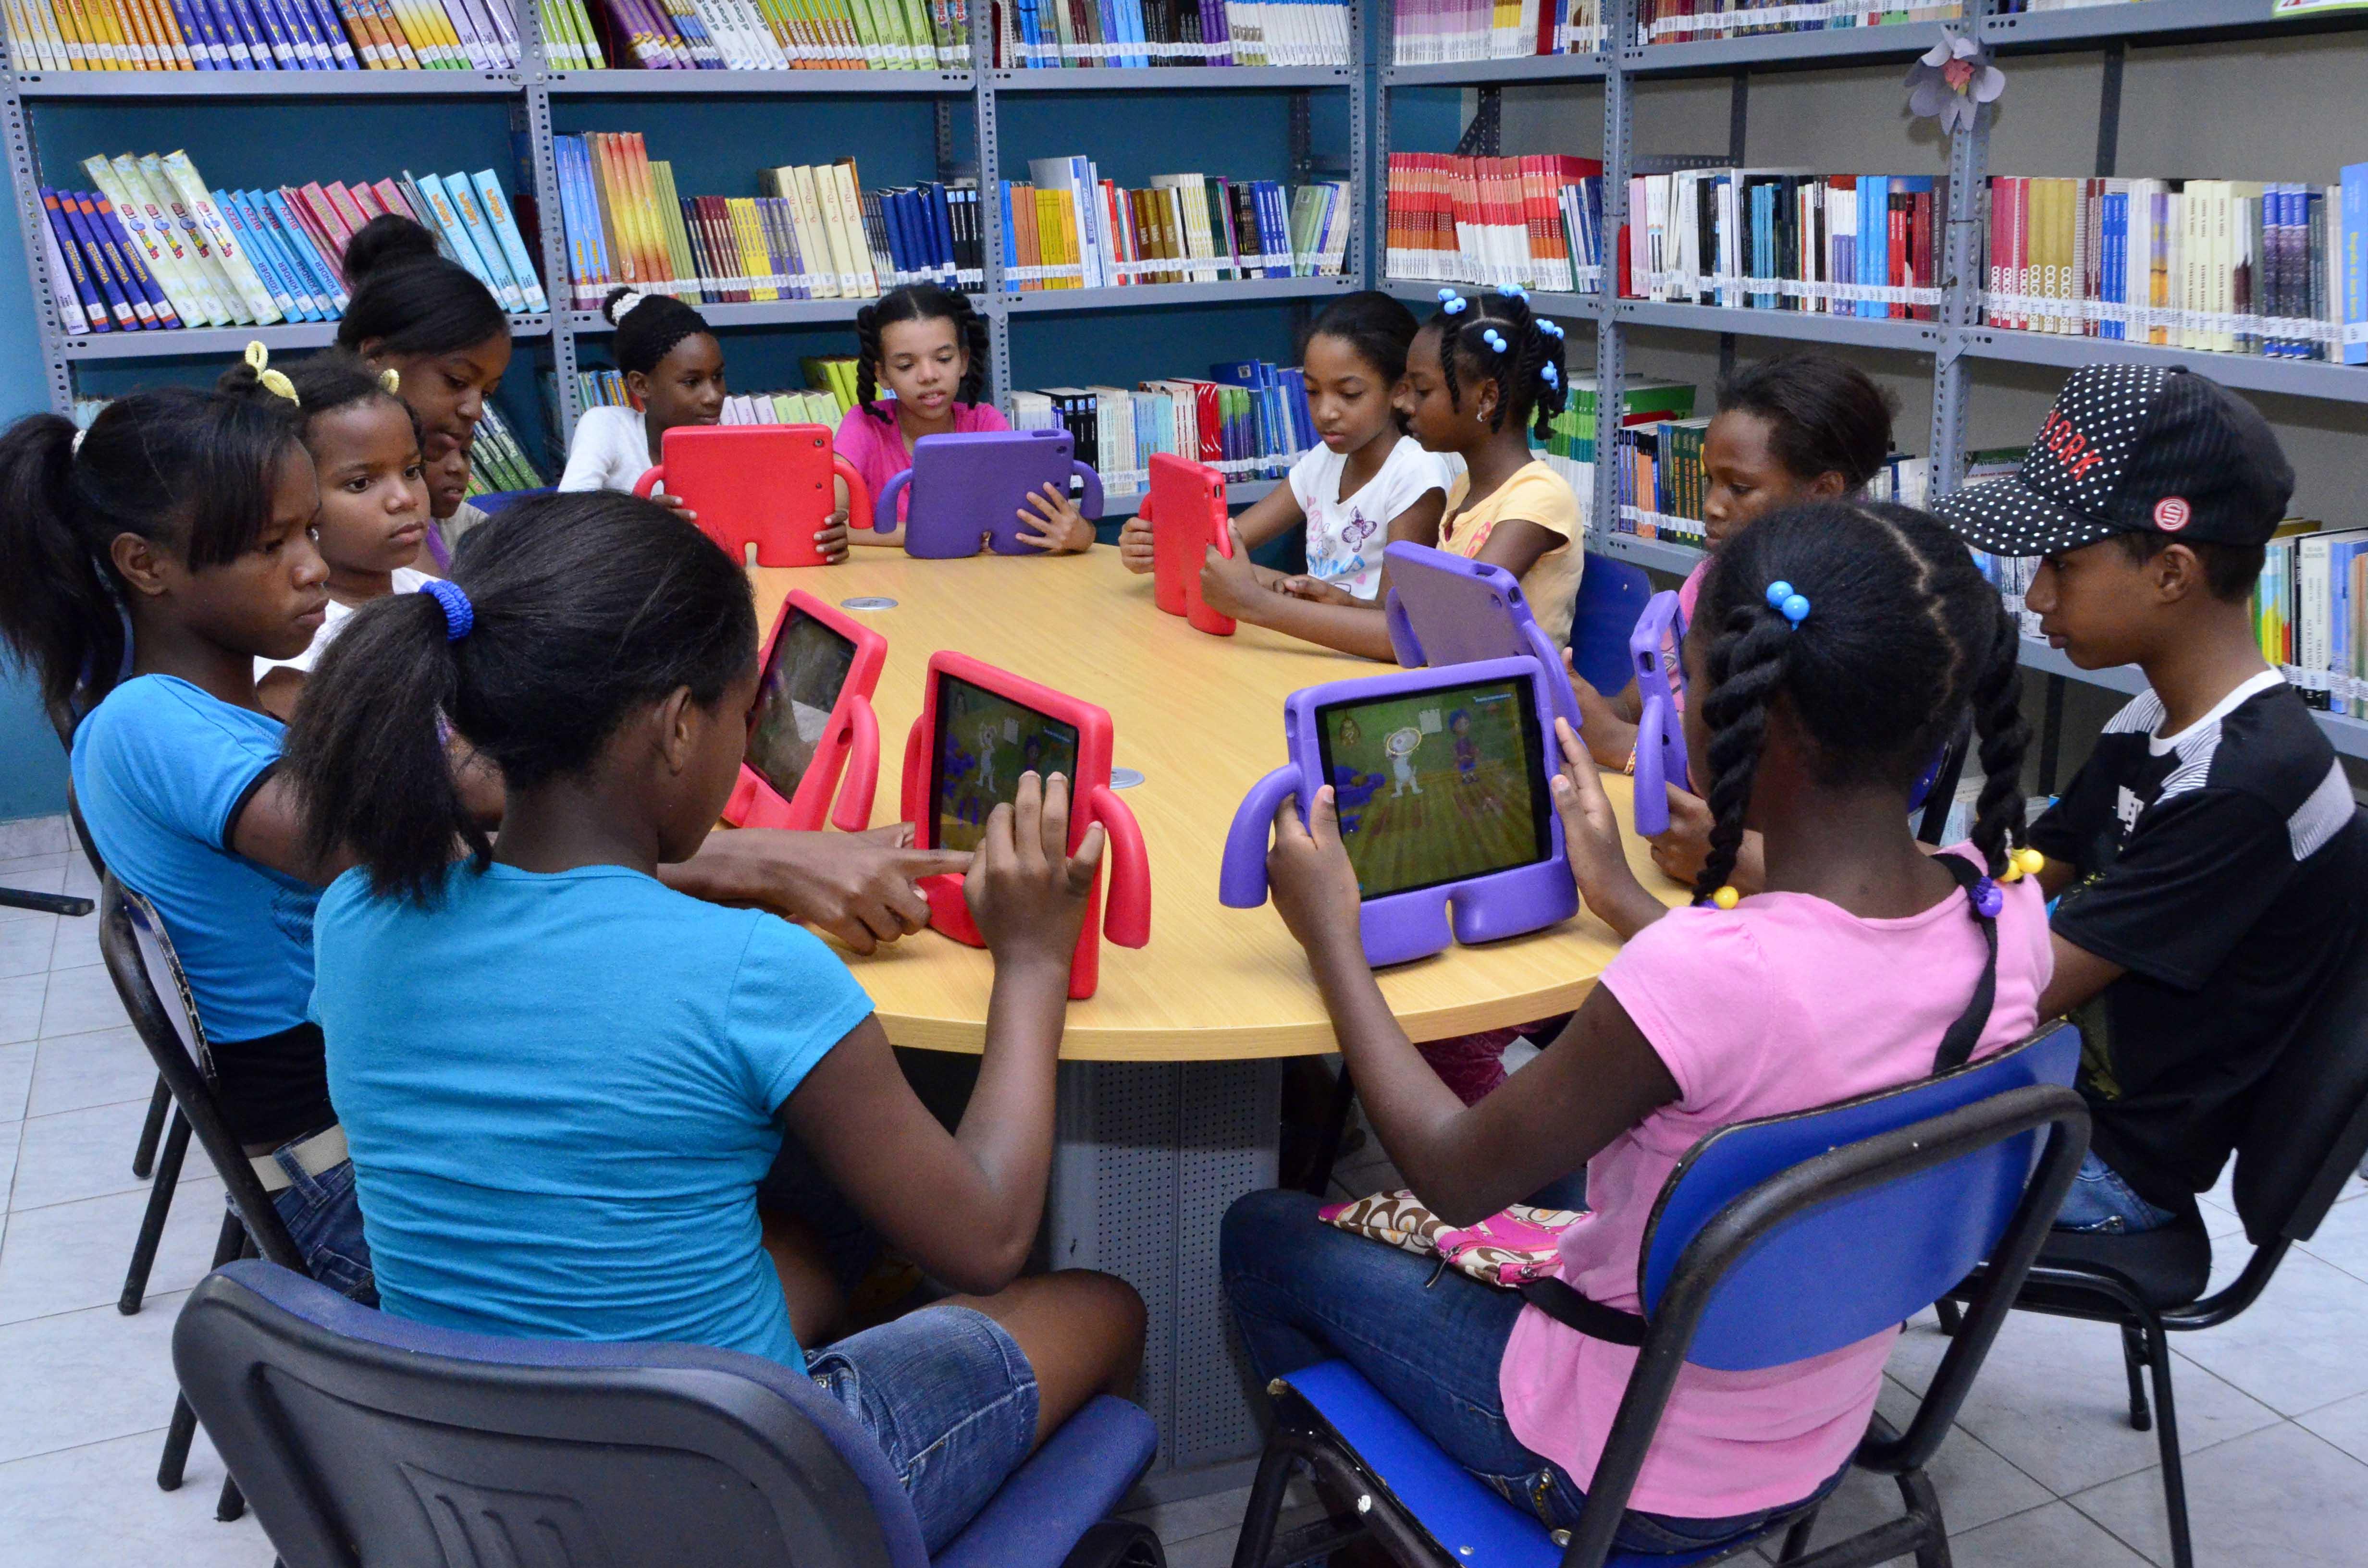 Vicepresidenta dispone refuerzo escolar integral a través de 97 Centros Tecnológicos Comunitarios